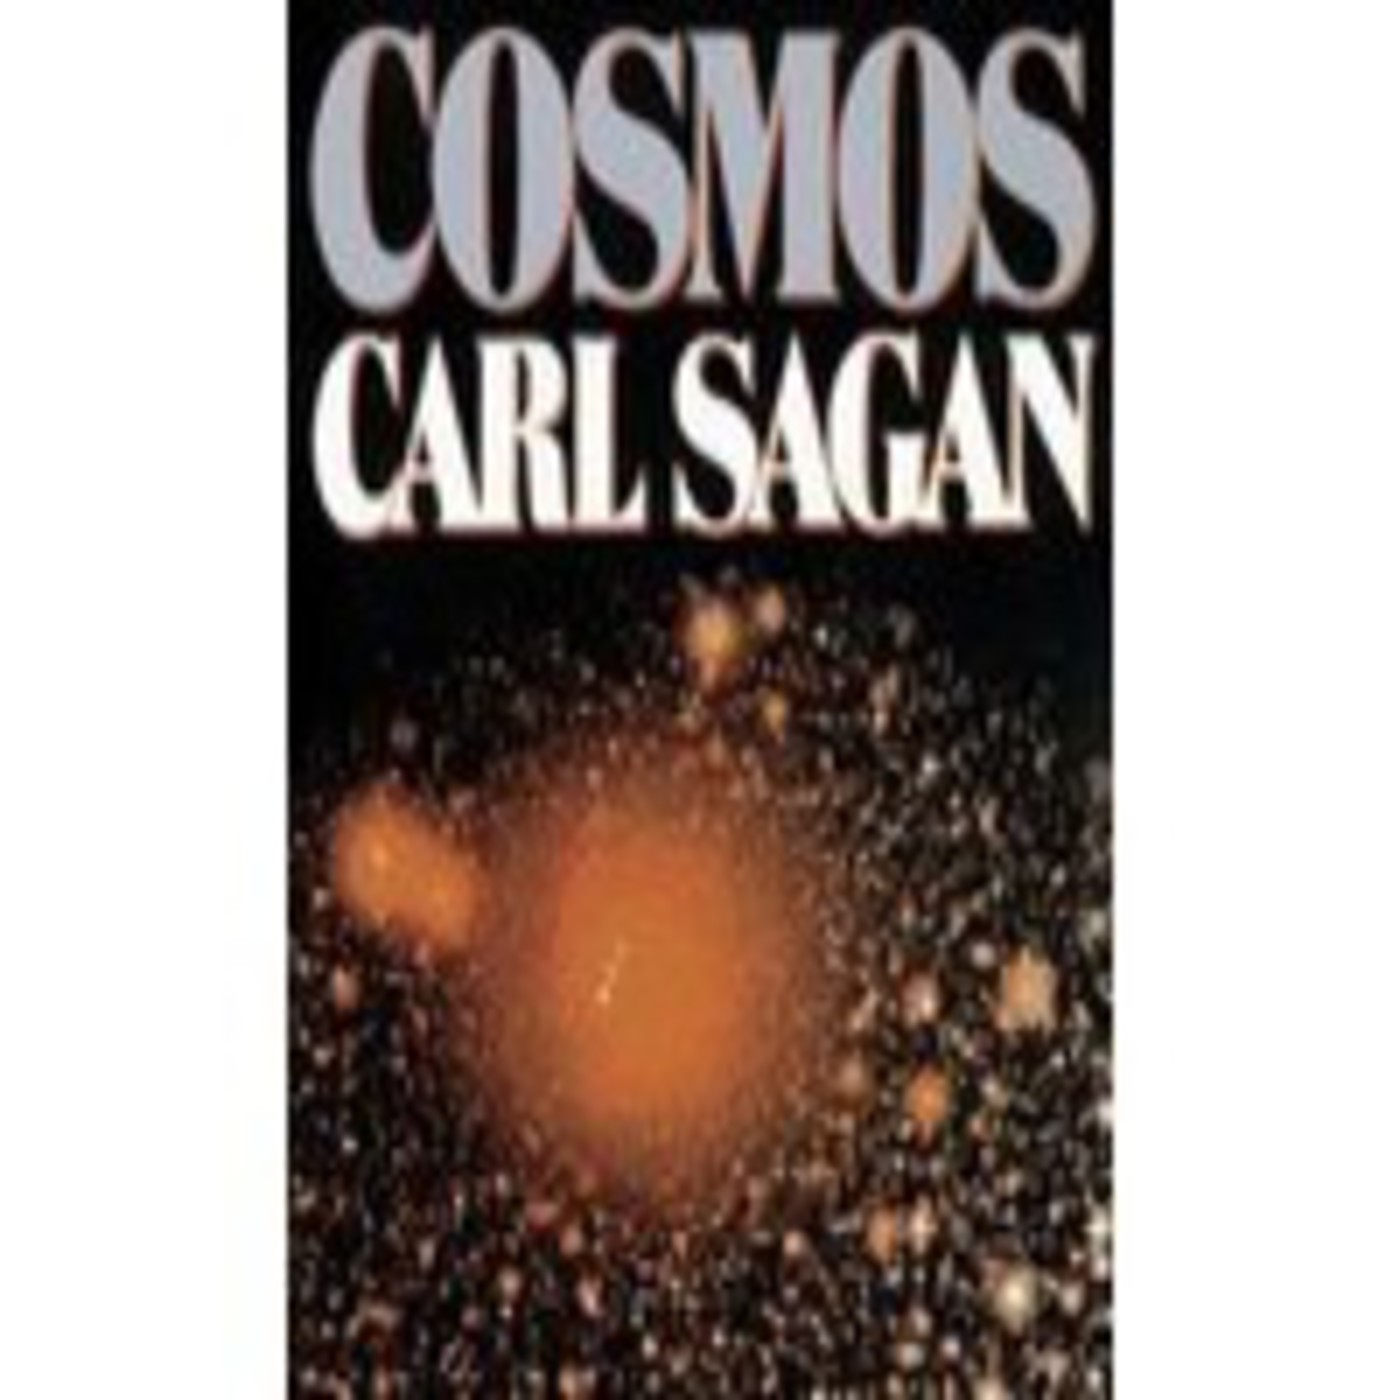 COSMOS (Carl Sagan) - Las vidas de las estrellas